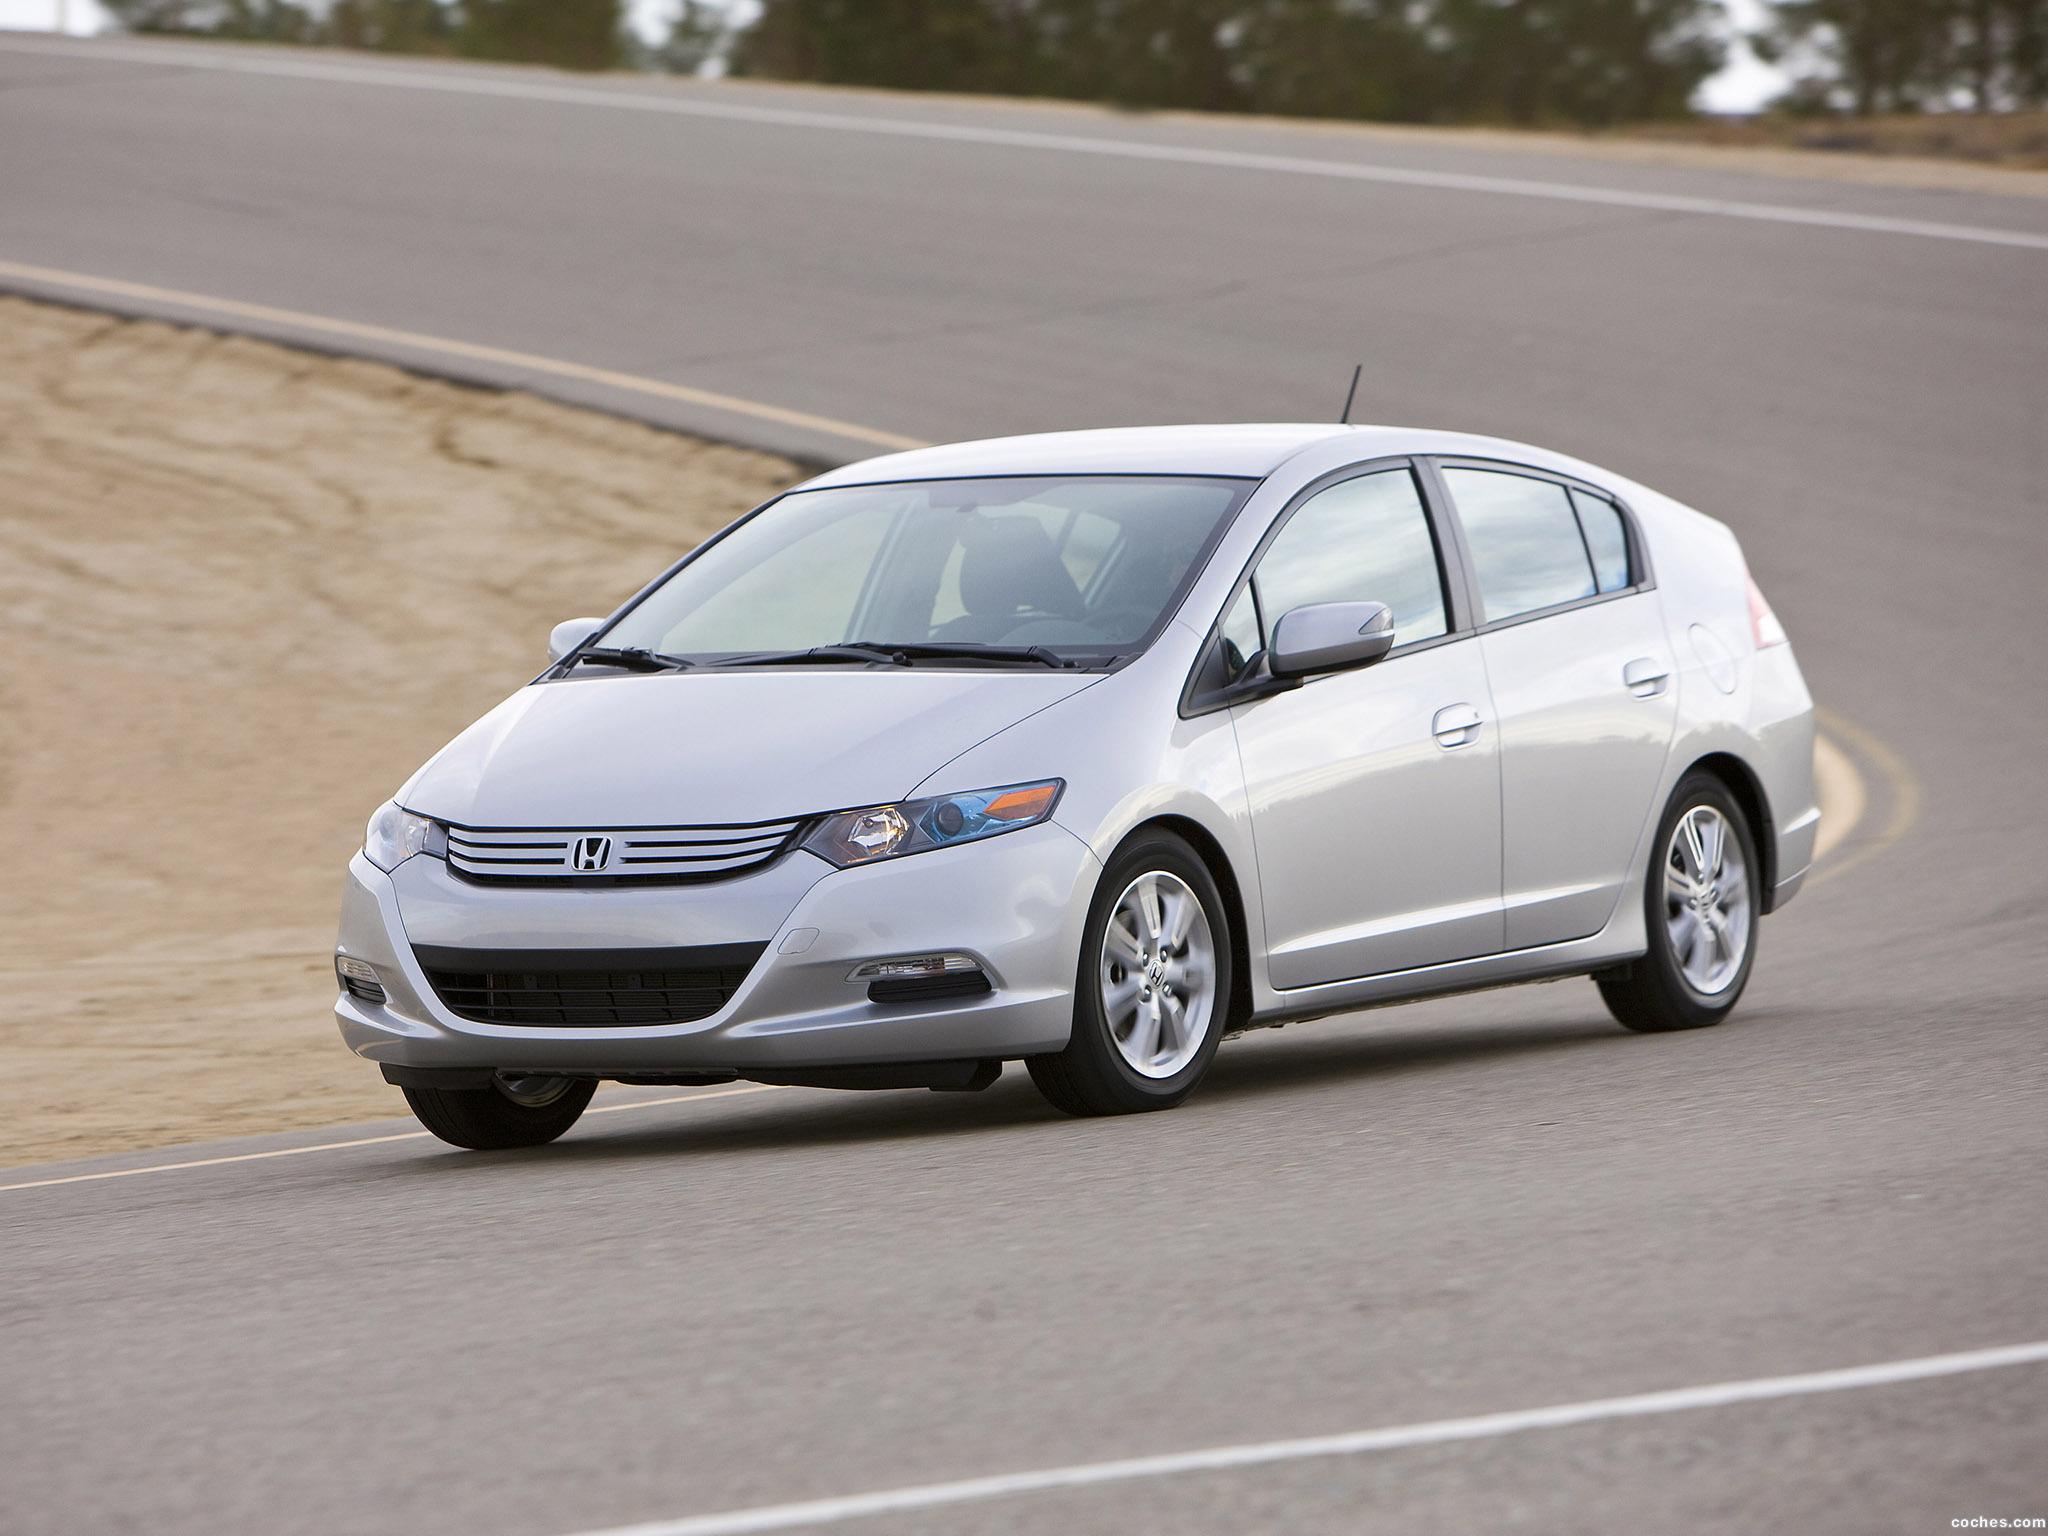 Foto 47 de Honda Insight 2009